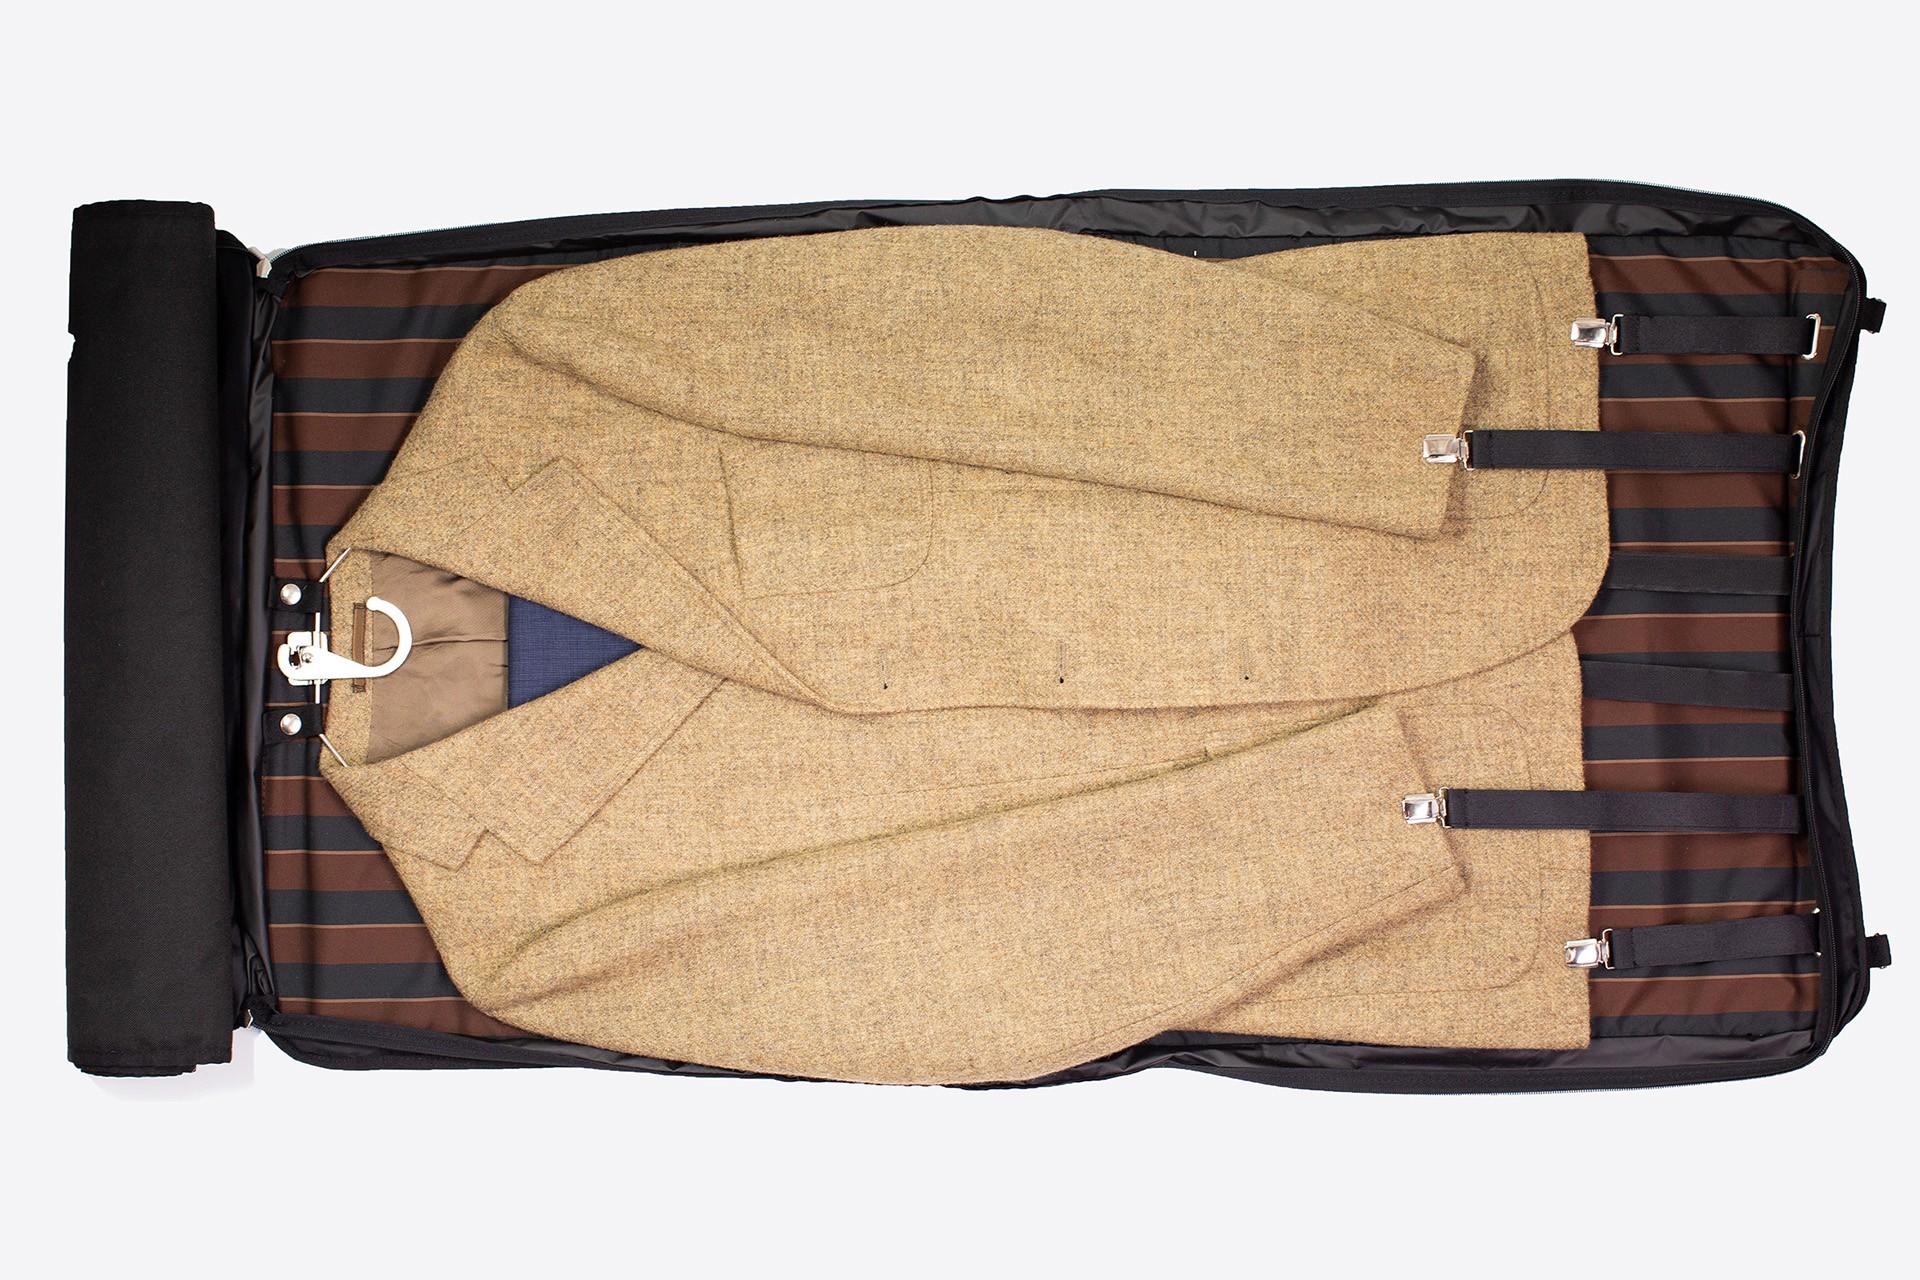 Zaino con porta abiti da viaggio   Backpack with Garment Bag   LUDOVICO MARABOTTO